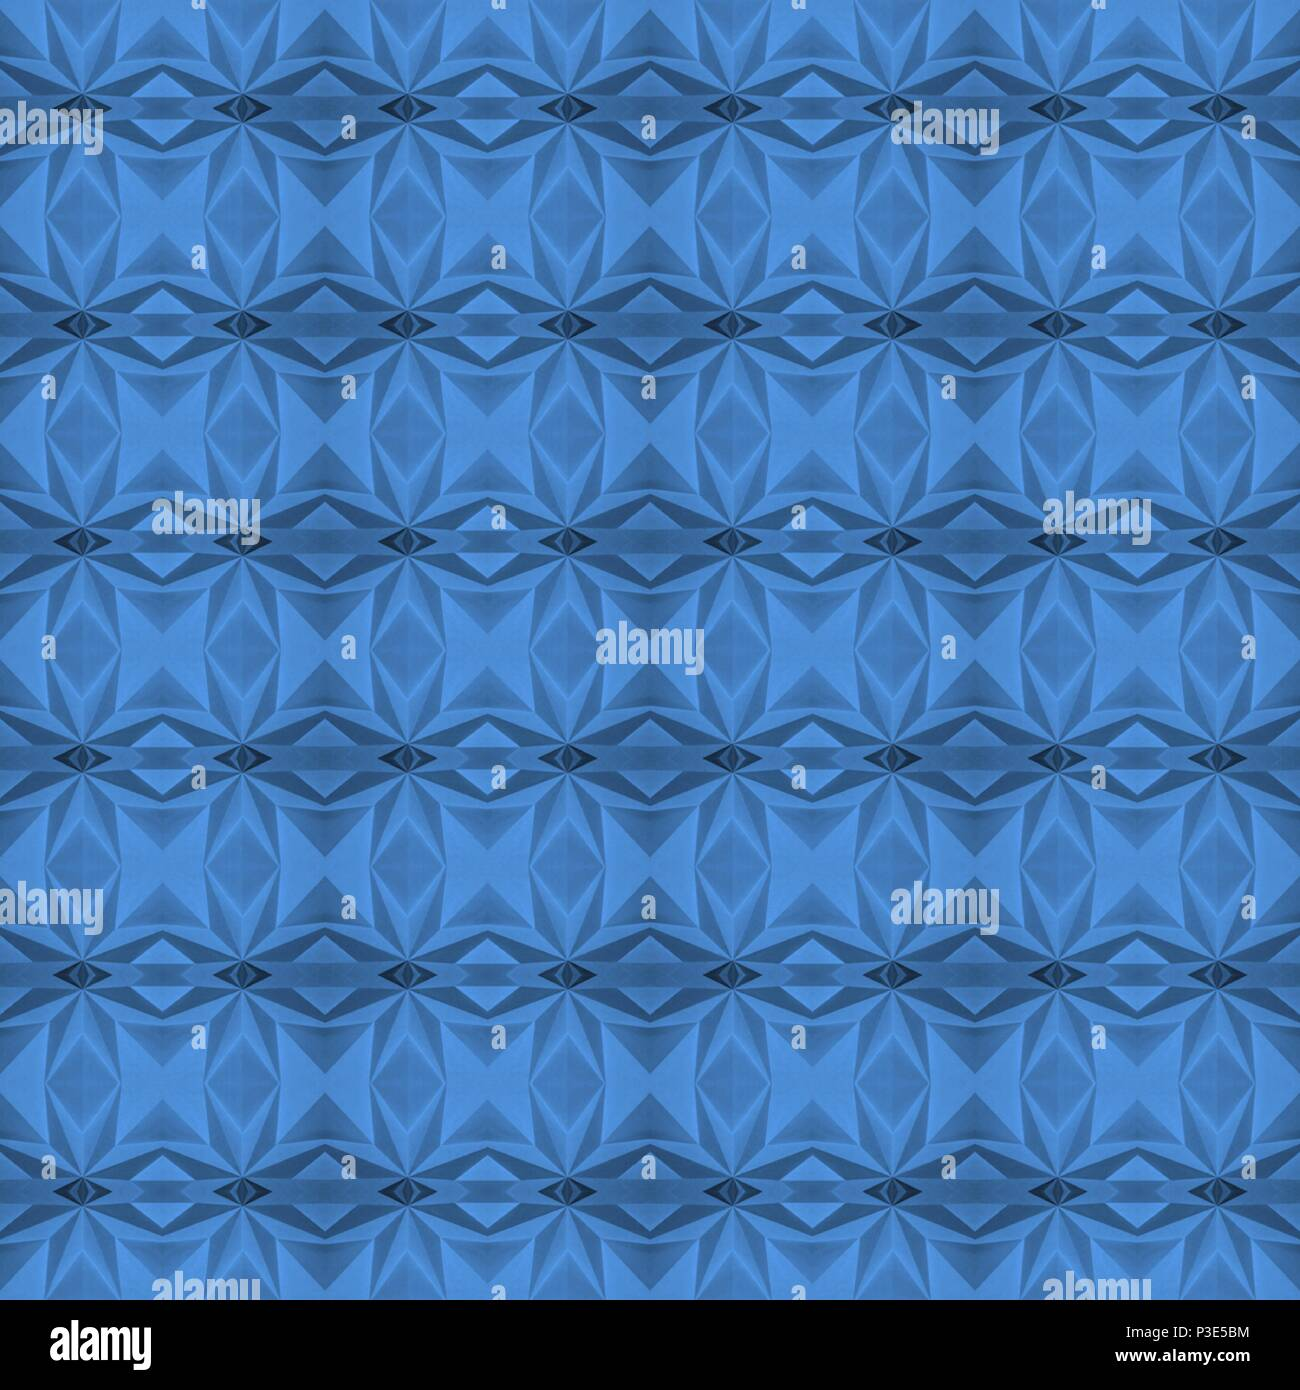 Blu (Little Boy Blue; Pantone 16-4132) senza cuciture e piastrelle in grado di disegno geometrico, realizzato a partire da una foto di origami. Immagini Stock